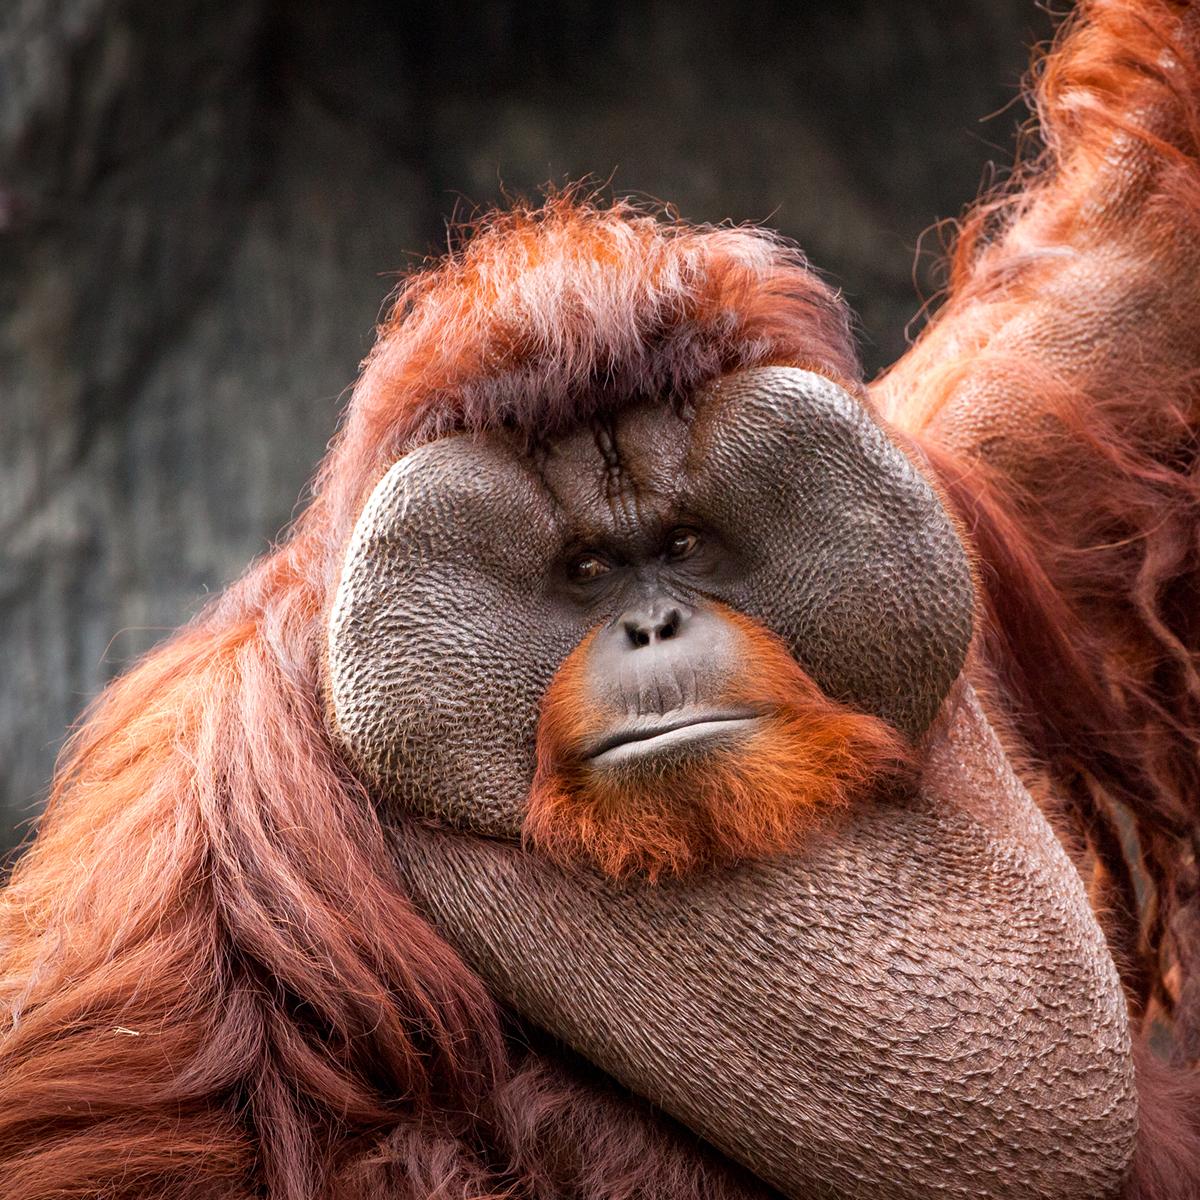 bornean-orangutan-ogimage.jpg